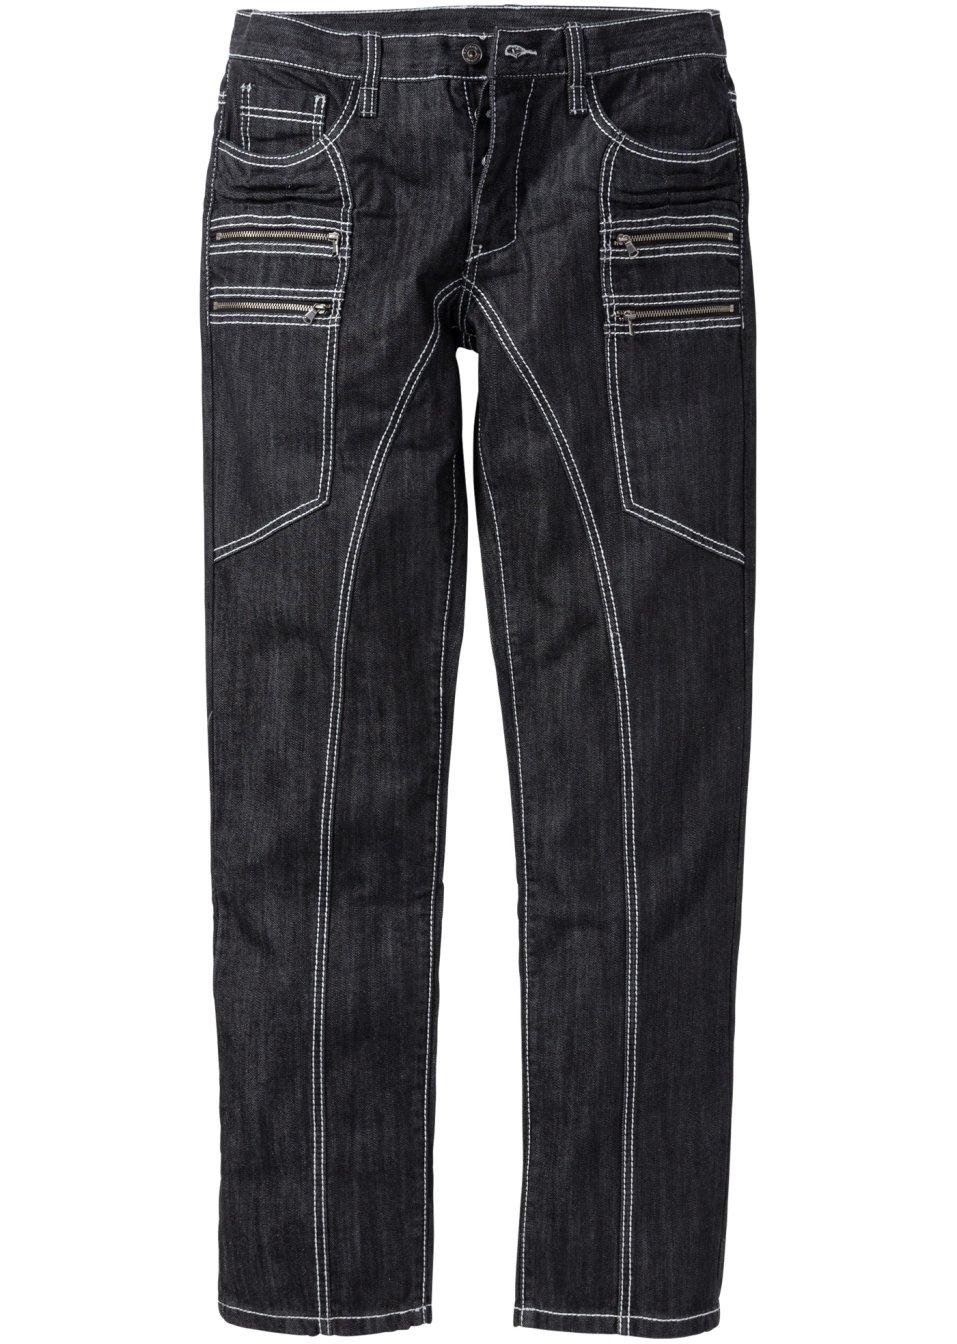 stylishe jeans mit auffallenden kontrastn hten und. Black Bedroom Furniture Sets. Home Design Ideas